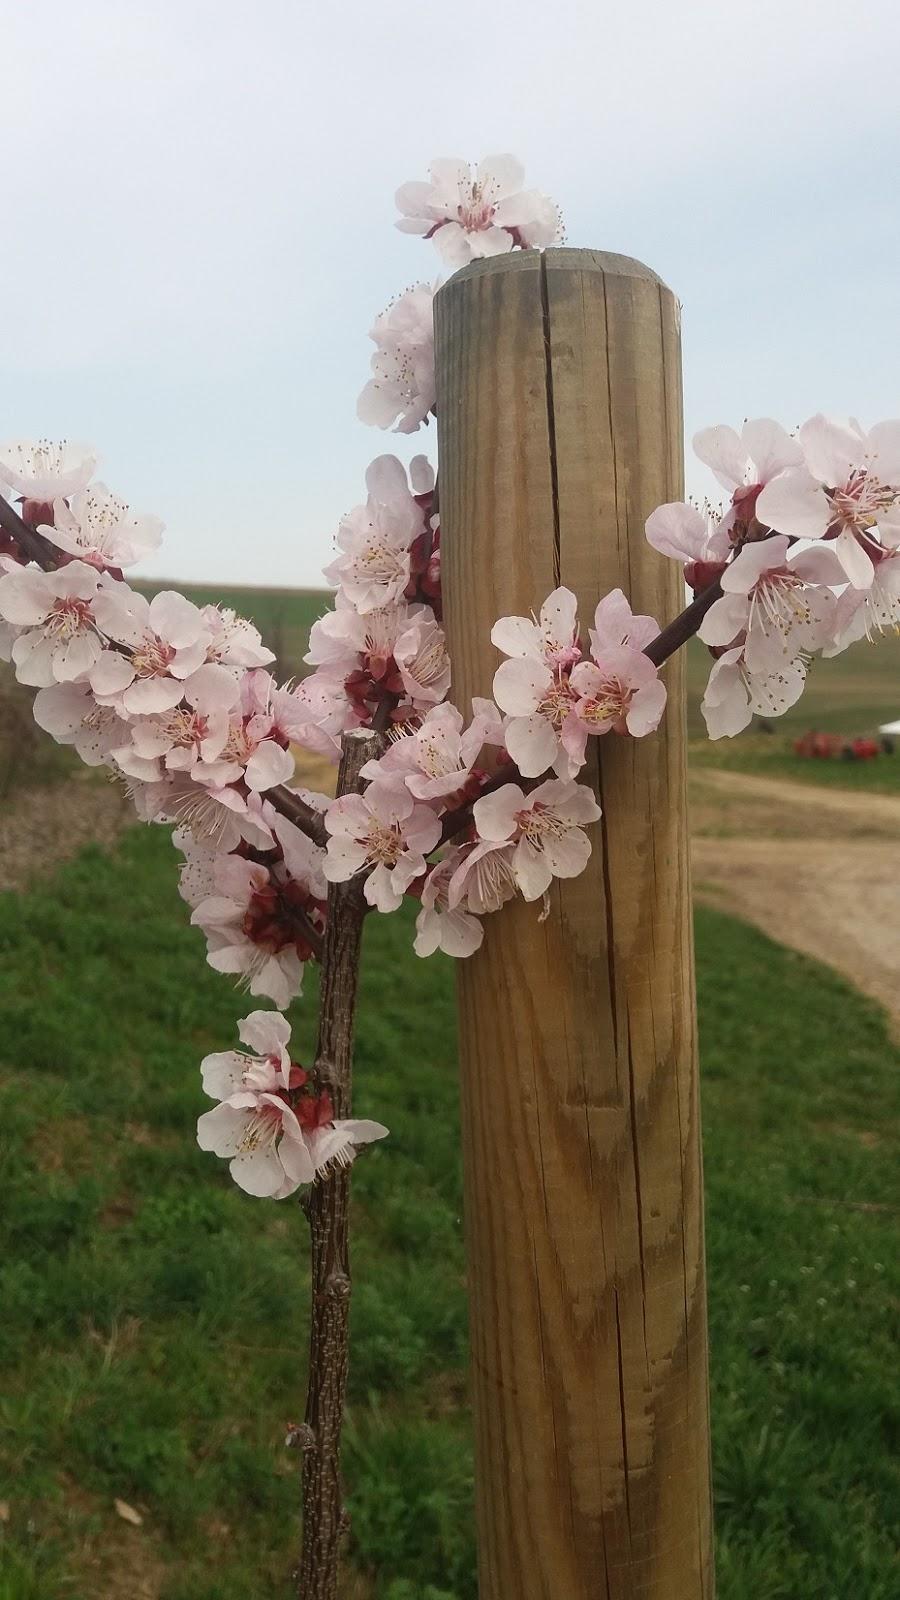 kvetoucí broskvoň.jpg